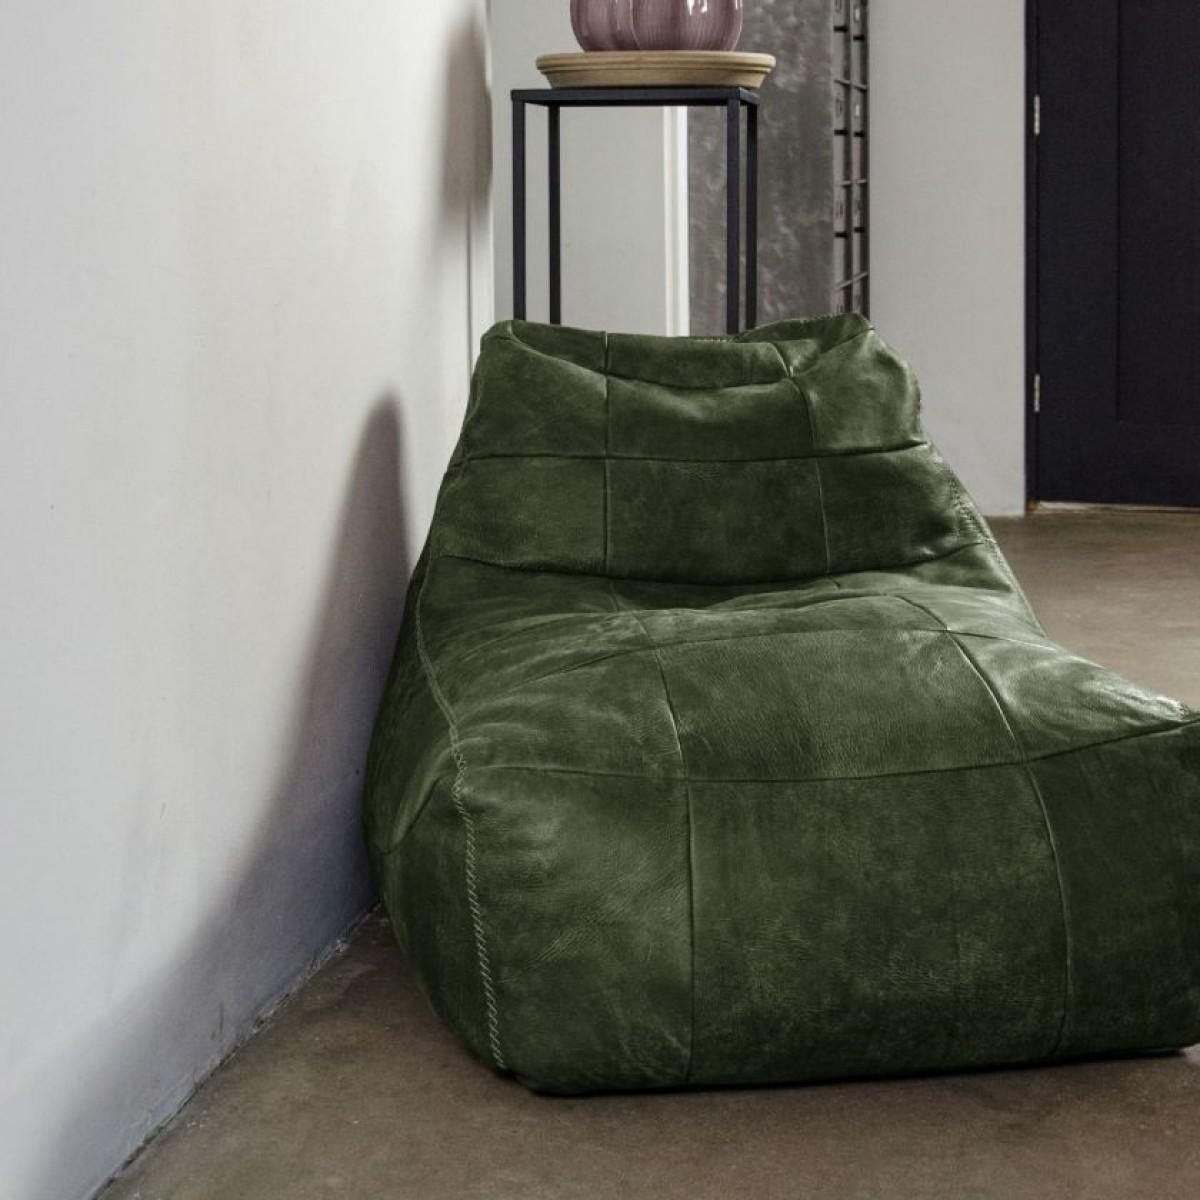 lazy-fred-zitzak-africa-leer-shabbies-miltonhouse-darkgreen